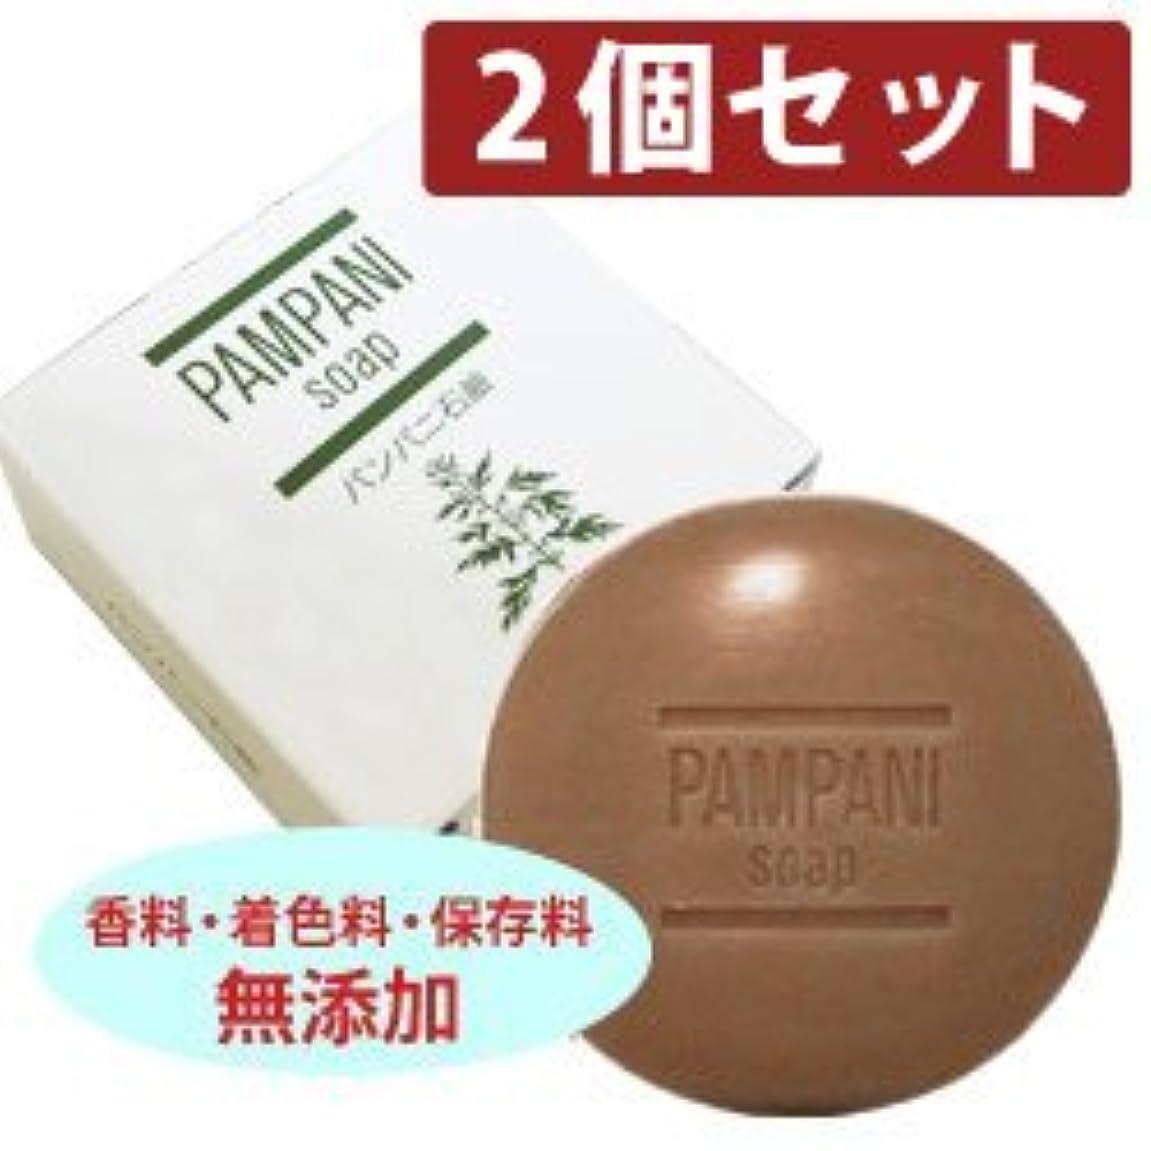 パンパニ 石鹸?90g 【2個セット】